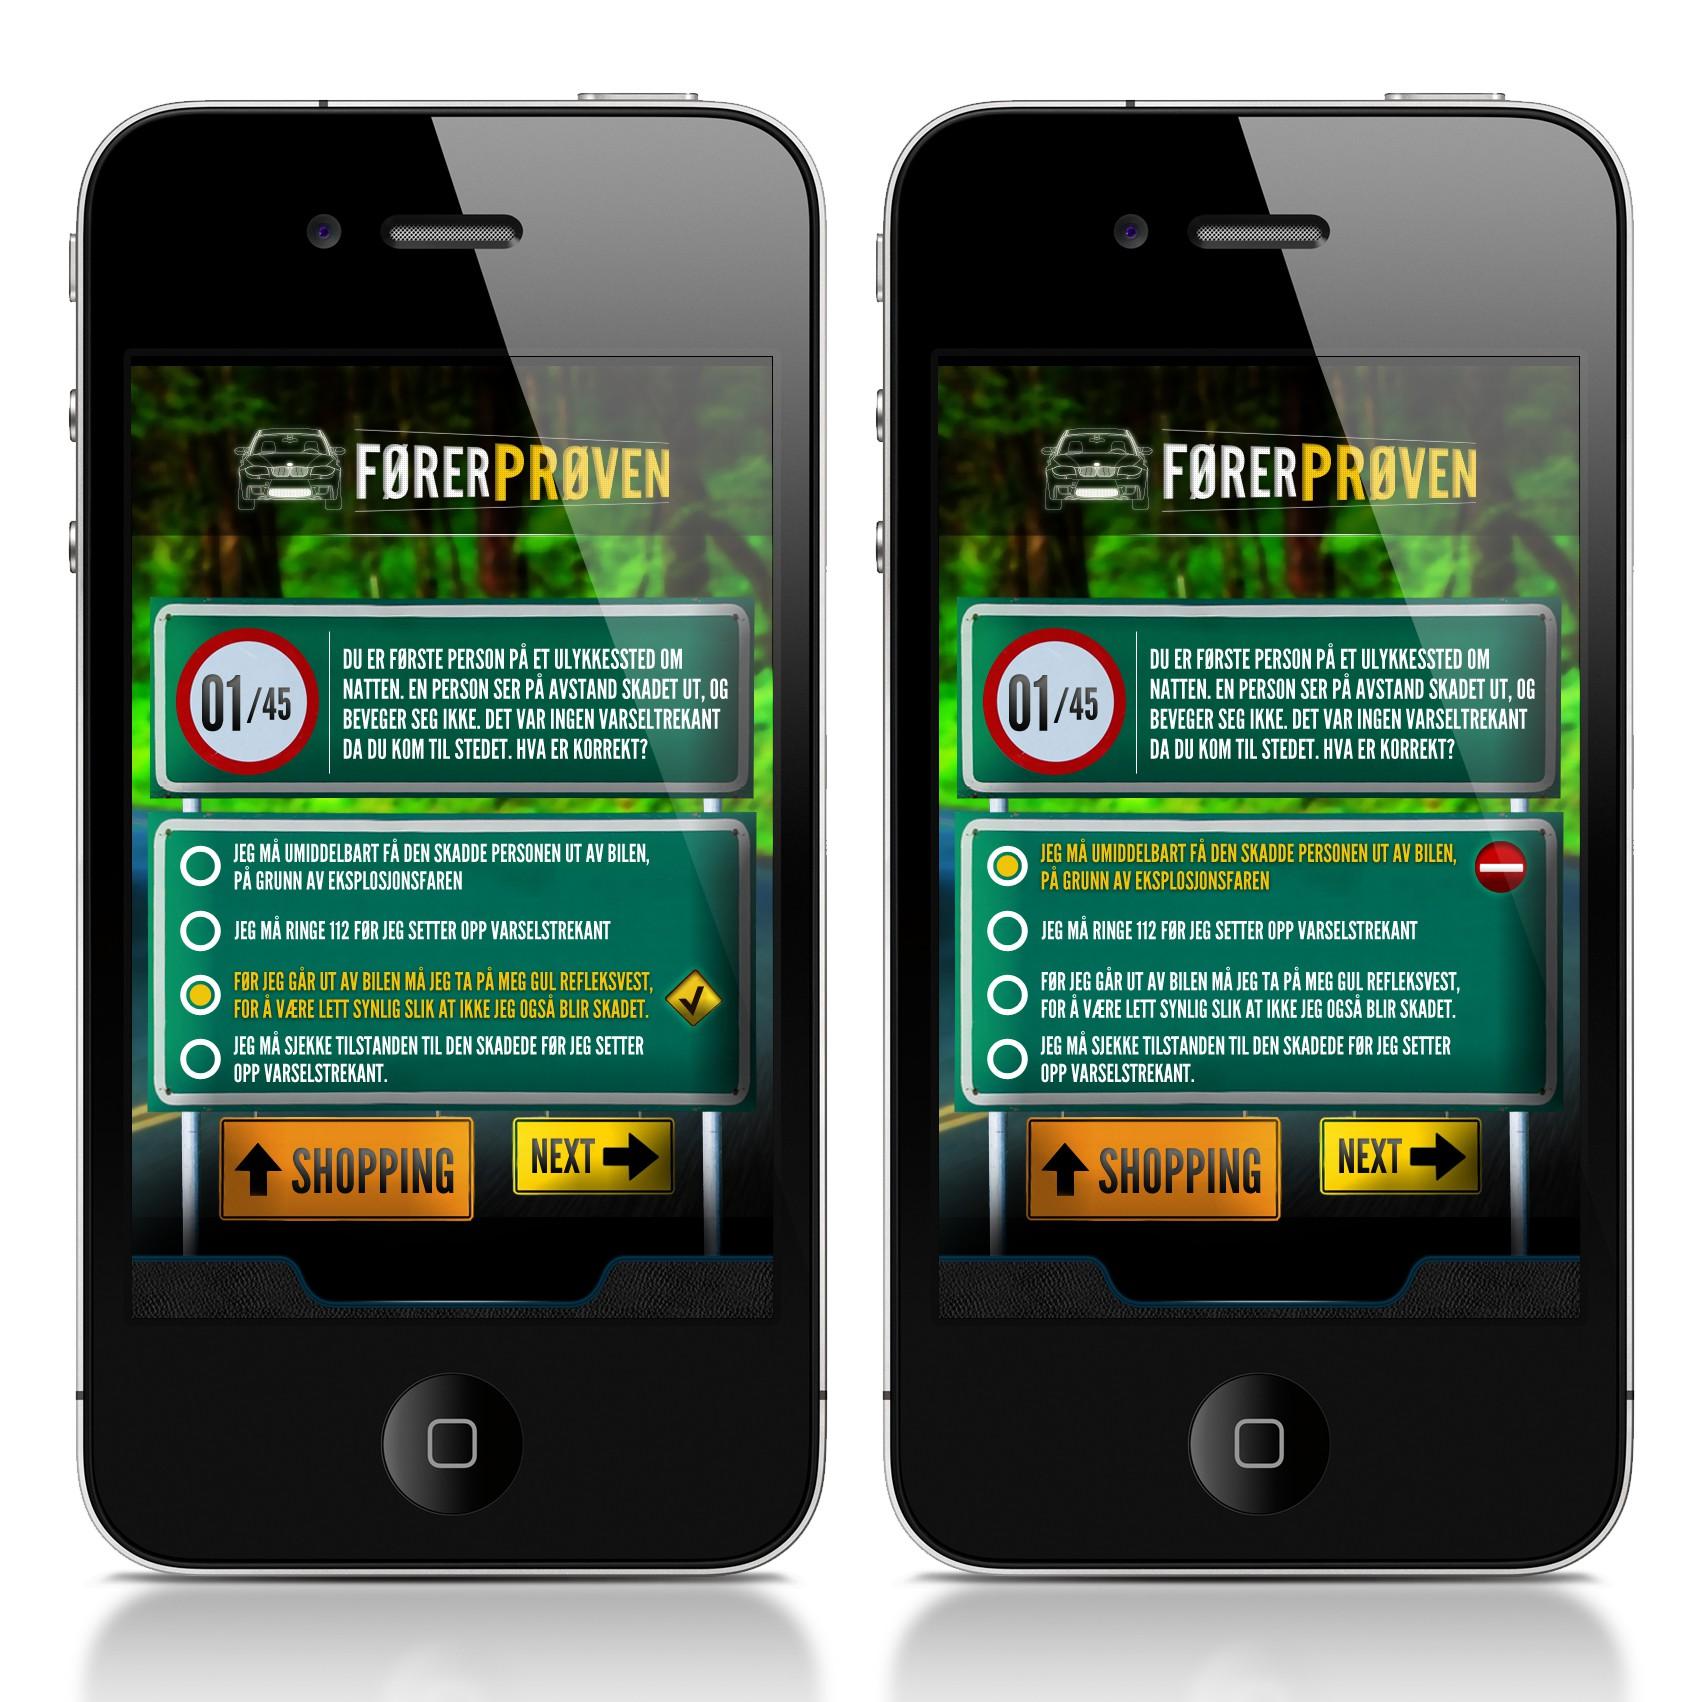 Alien Nude LTD needs a new mobile app design